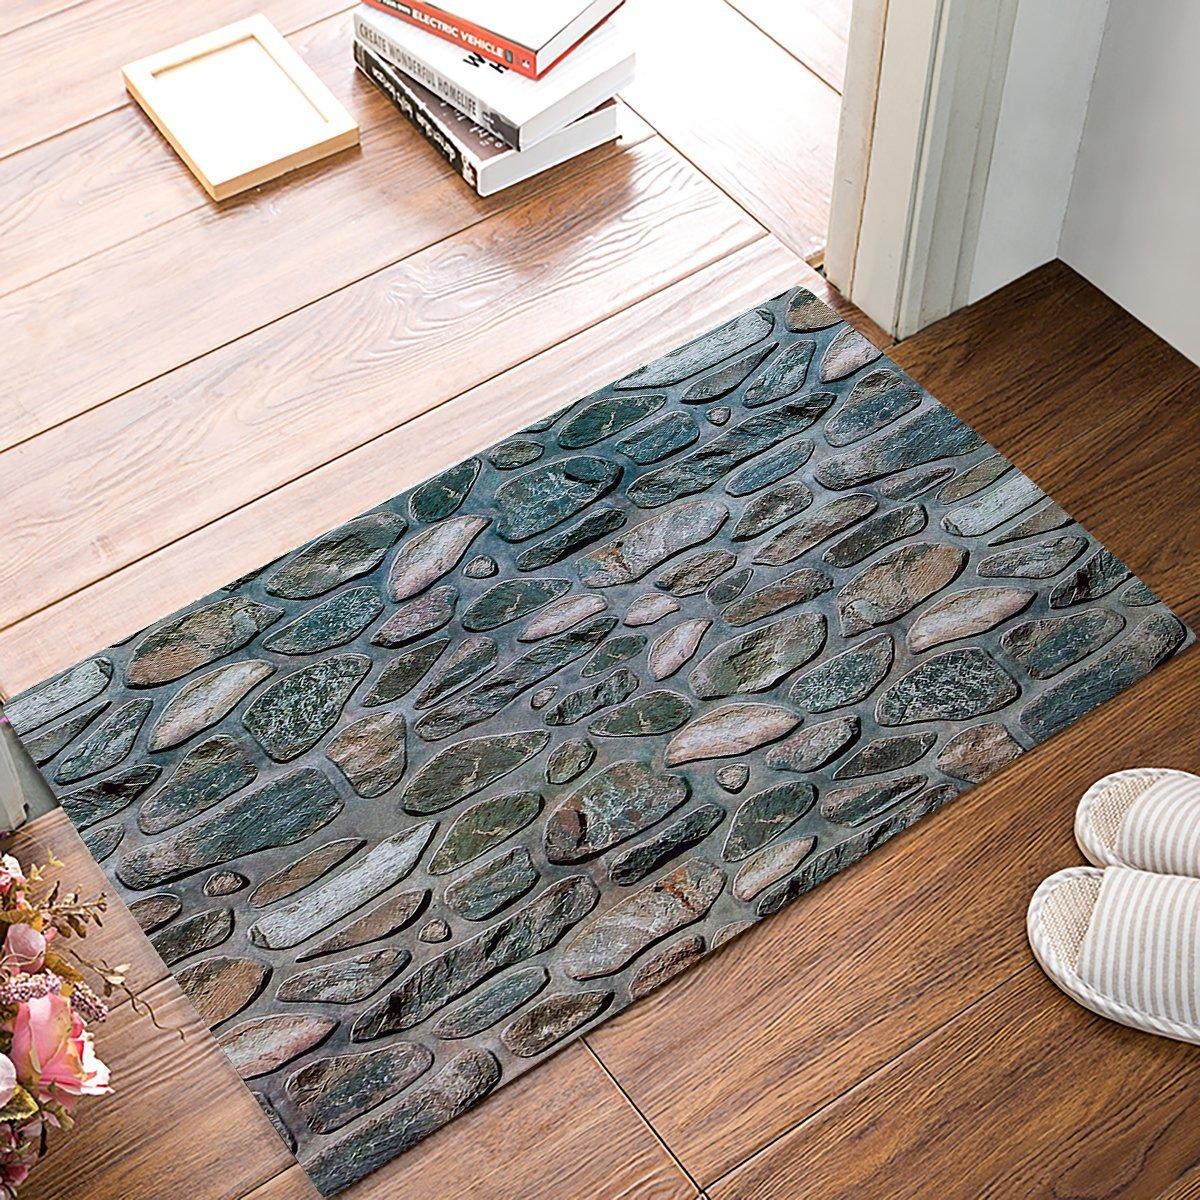 3D Marble Stone Print Door Mats Kitchen Floor Bath Entryway Rug Mat Absorbent Indoor Bathroom